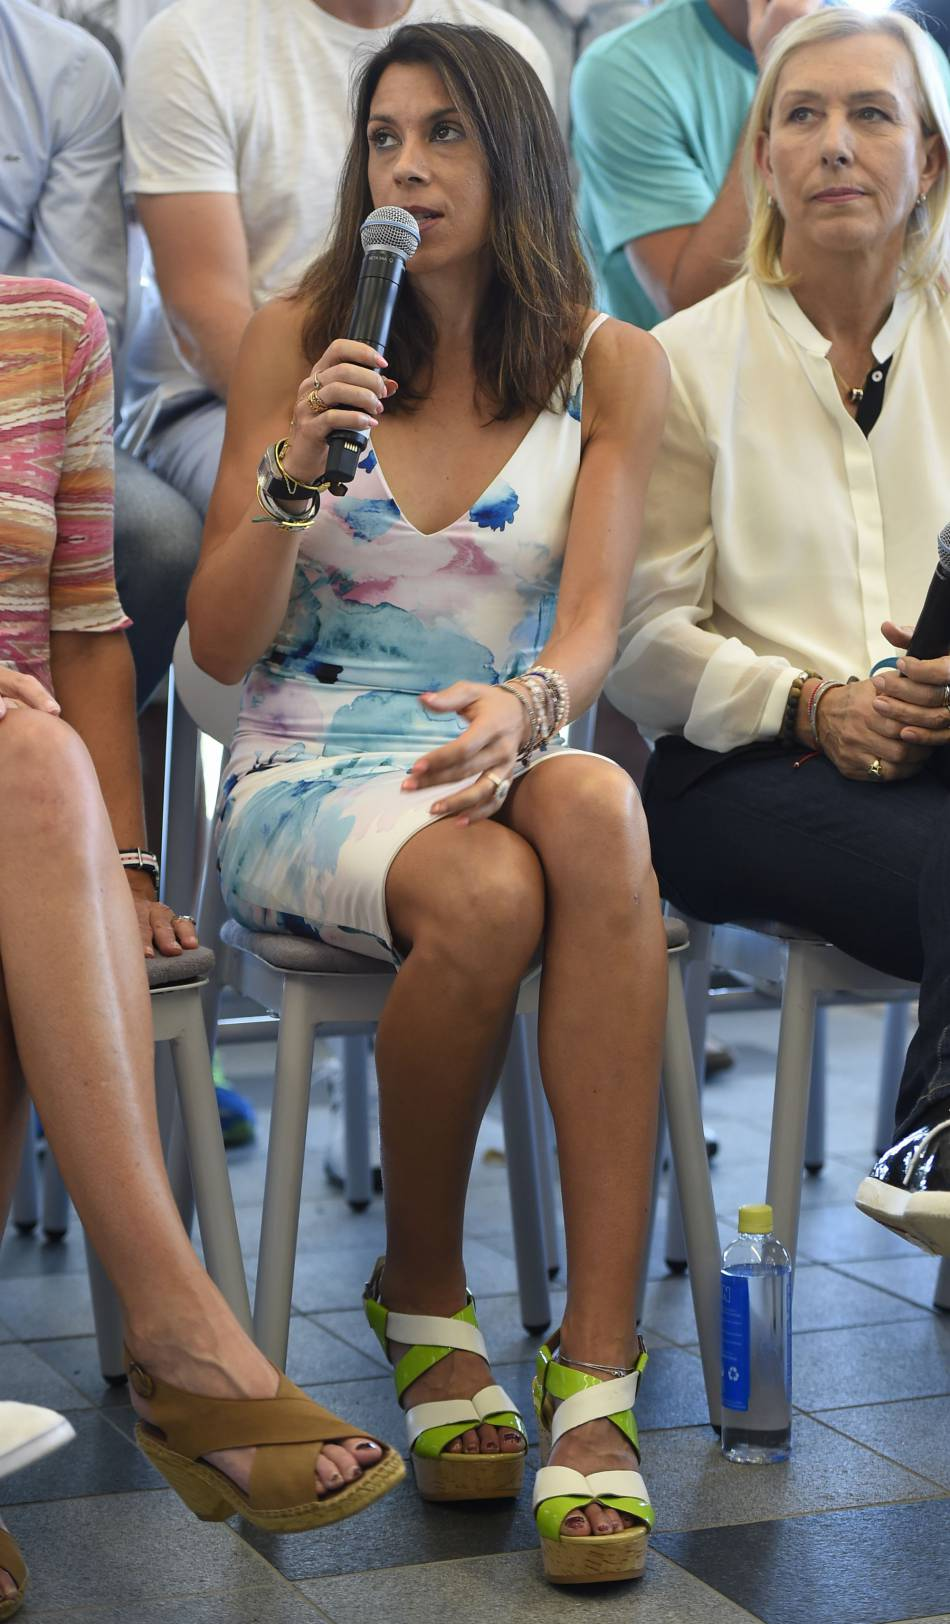 La joueuse mise sur une toute petite robe estivale pour mettre en valeur sa silhouette.